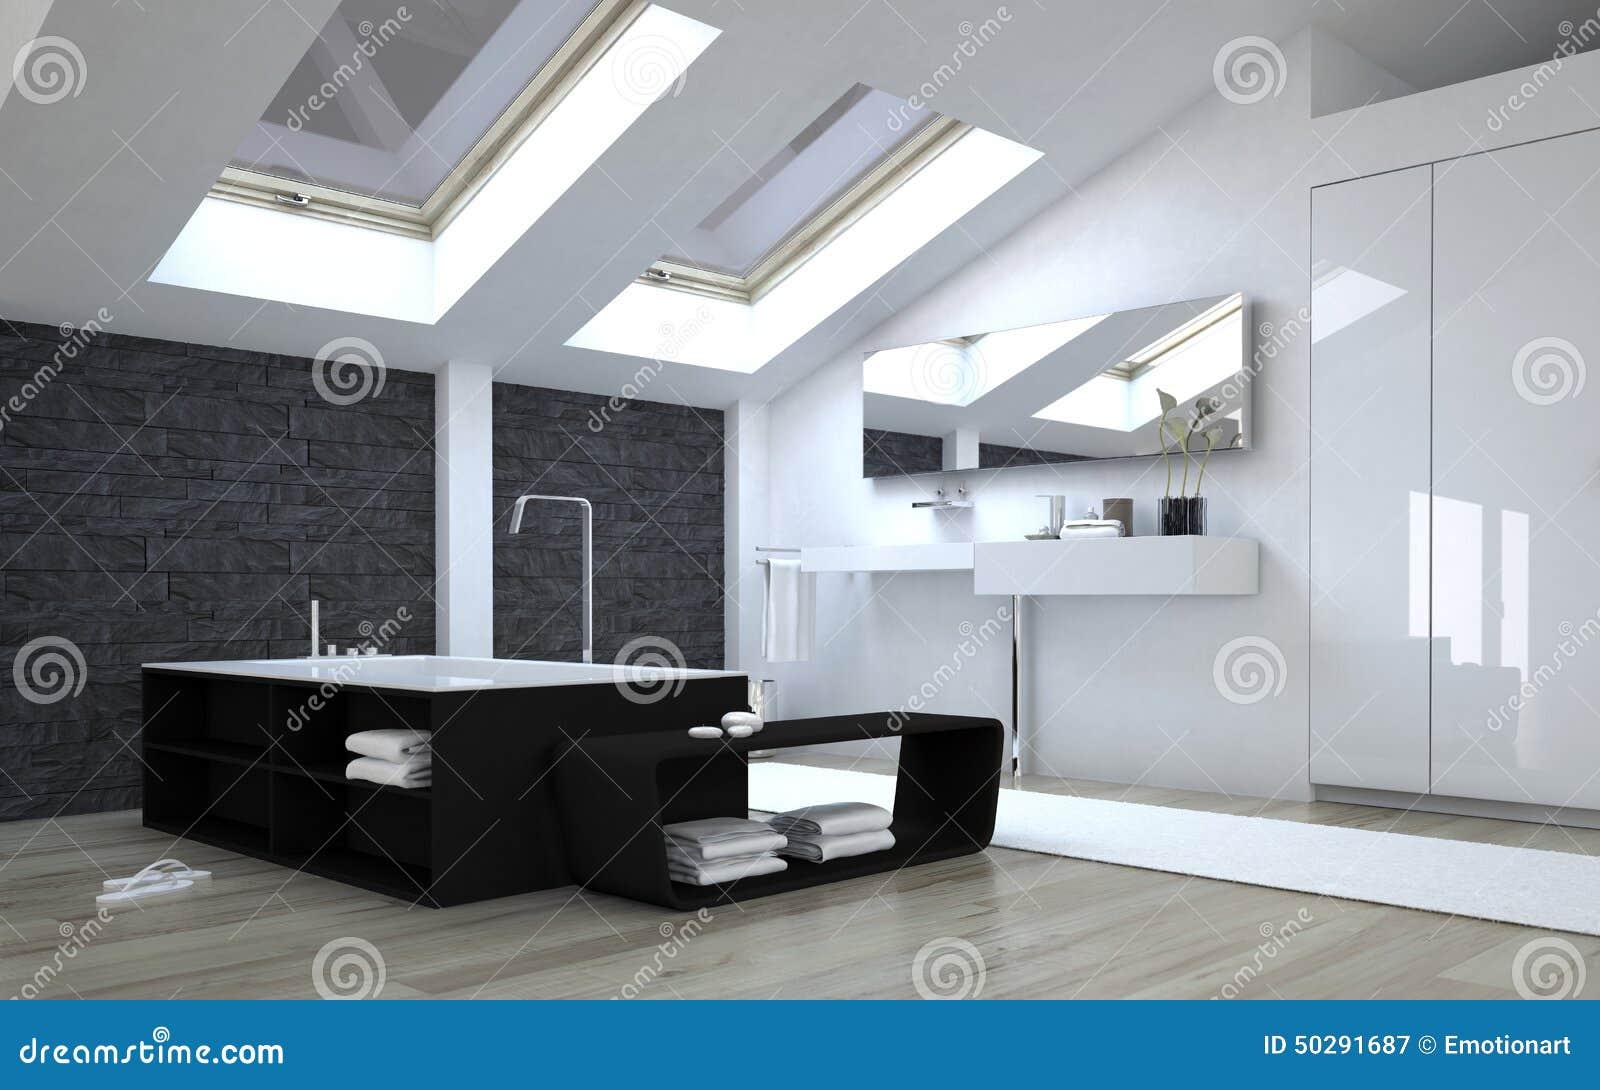 Bagno In Bianco E Nero Moderno Con I Lucernari Illustrazione di Stock ...